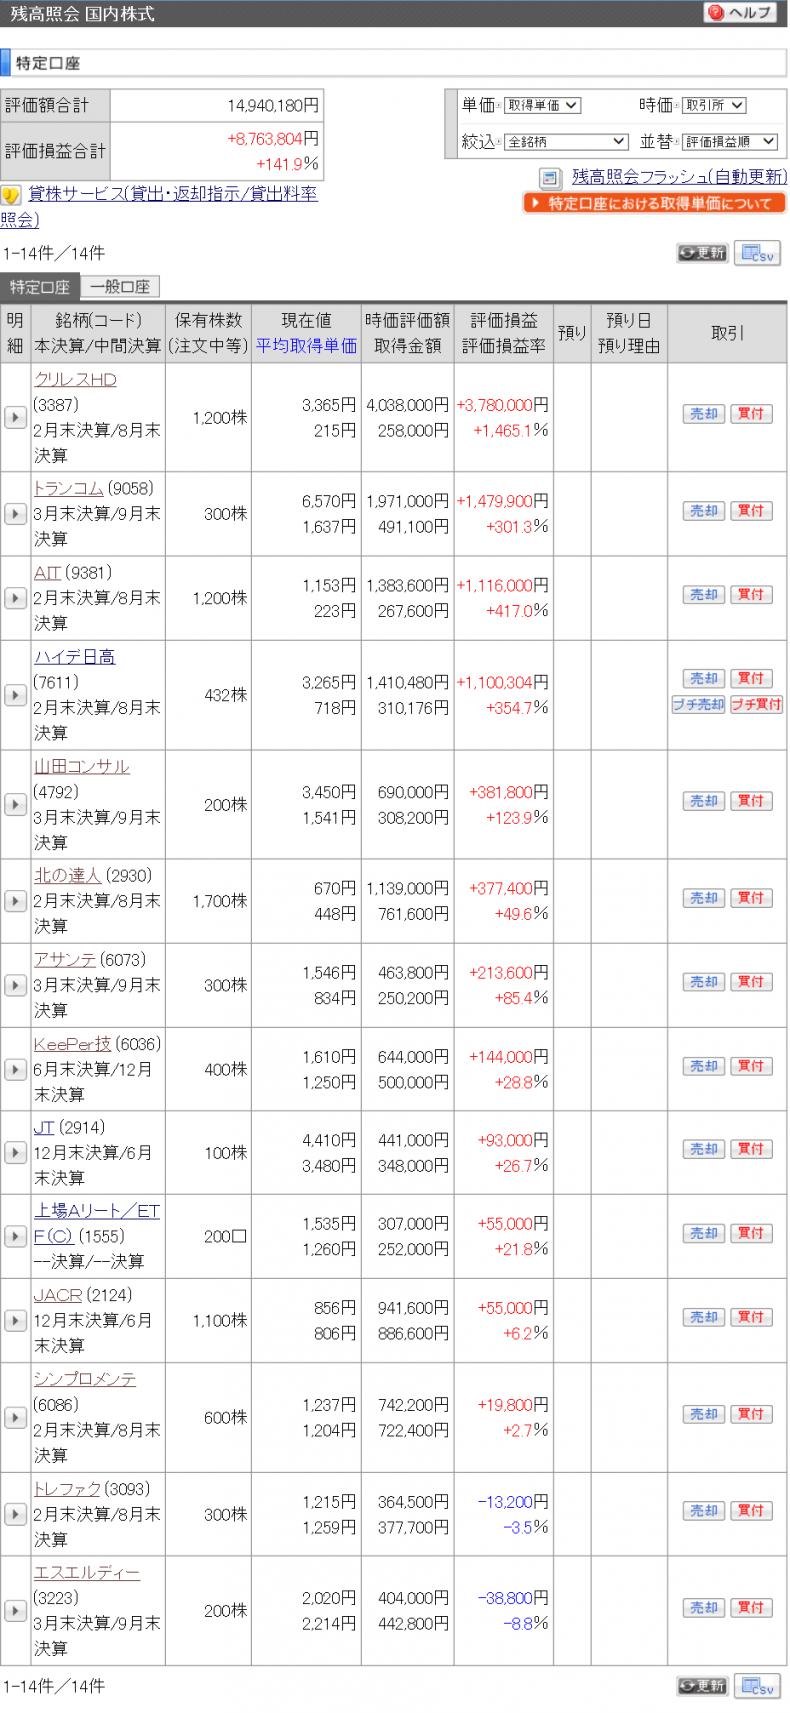 日本株11月末_convert_20151203012818